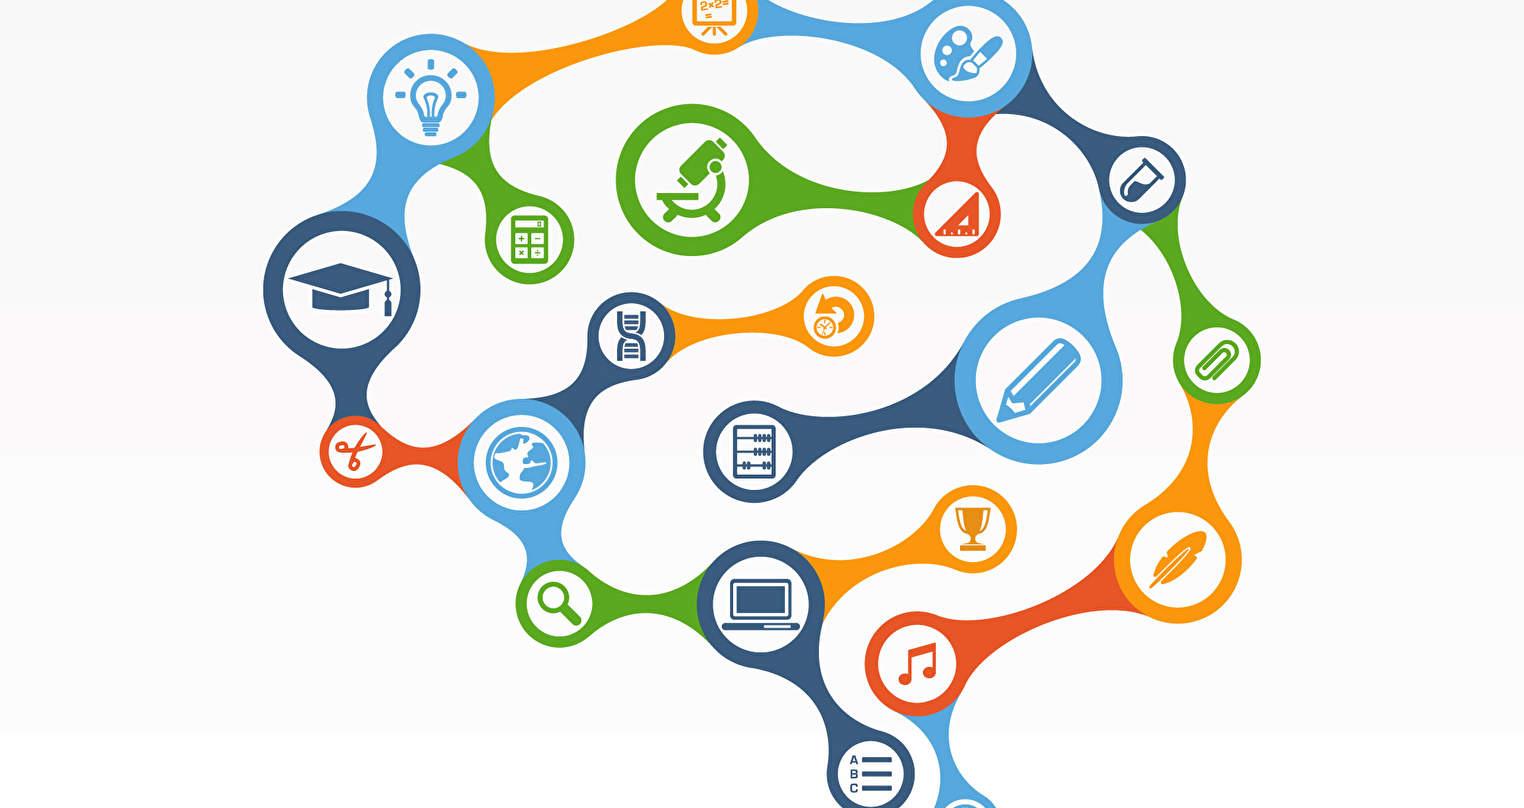 De inhoud en het aanbod van vakken in het primair onderwijs verandert. In 2017 is door de Tweede Kamer besloten dat digitale geletterdheid wordt opgenomen in het nieuwe onderwijscurriculum.